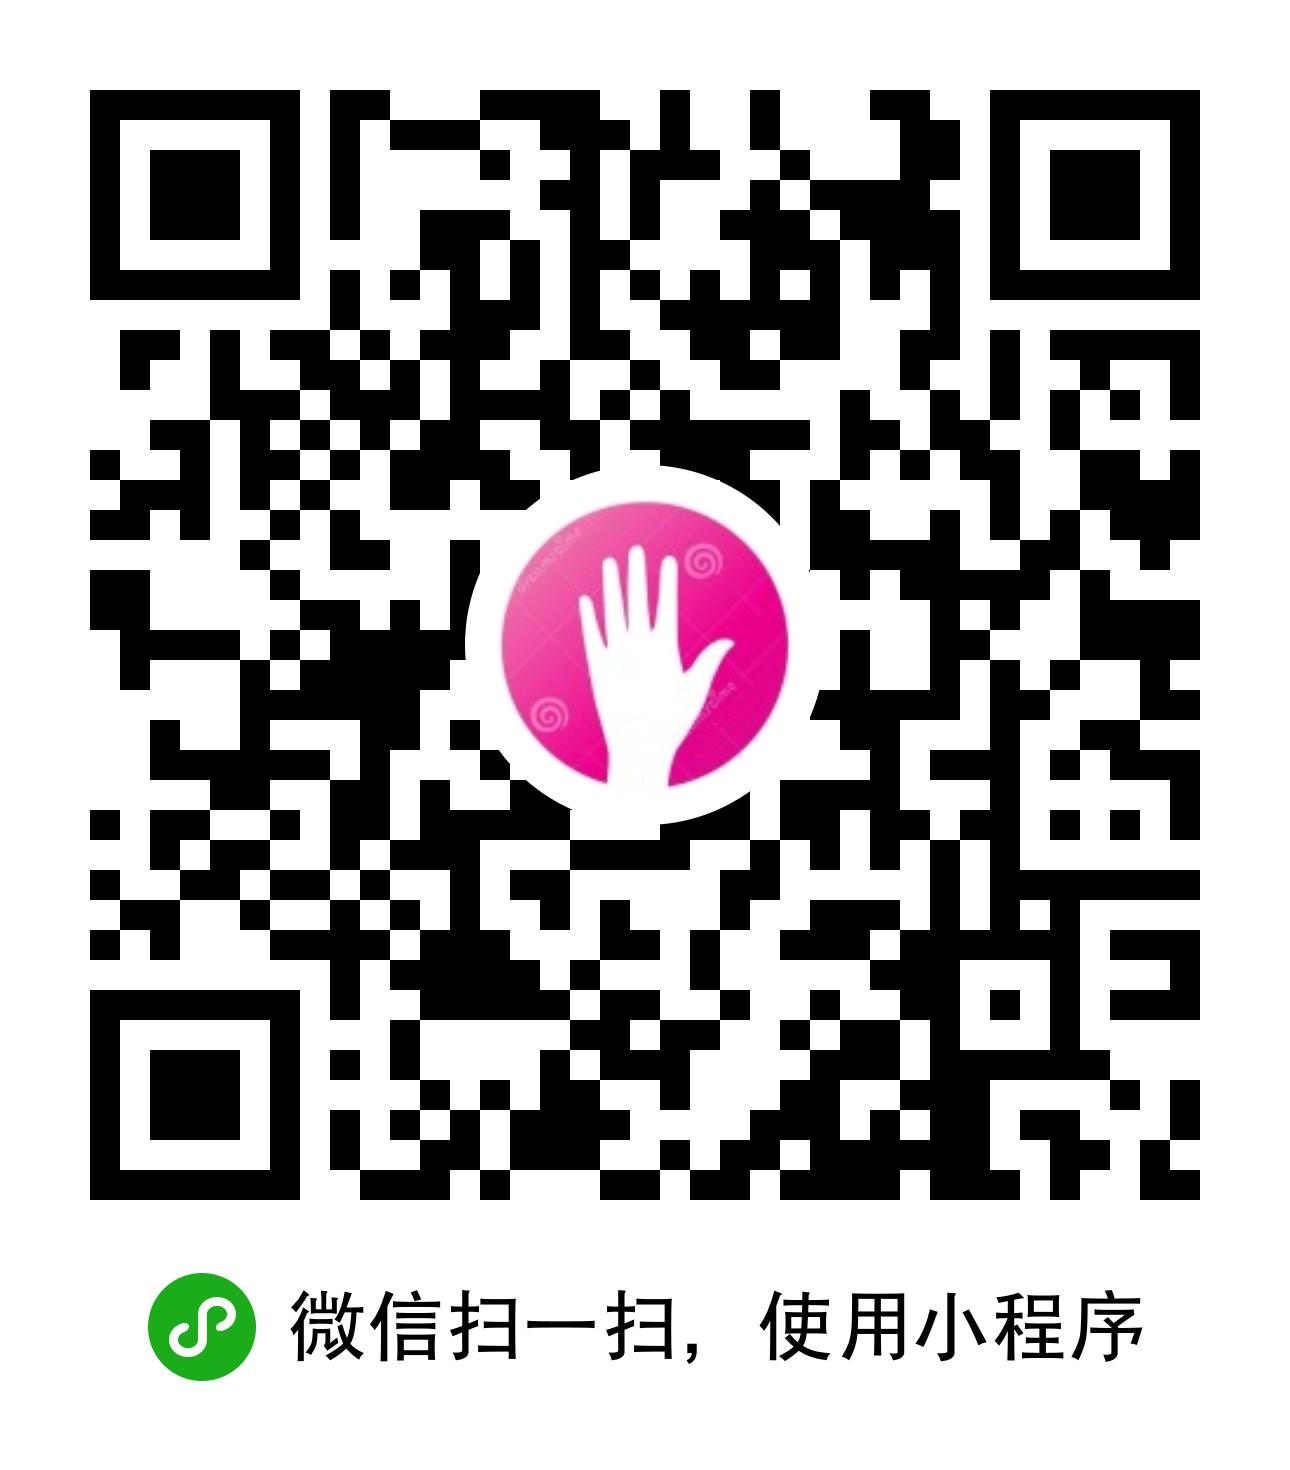 举个手I聚会活动报名-微信小程序二维码